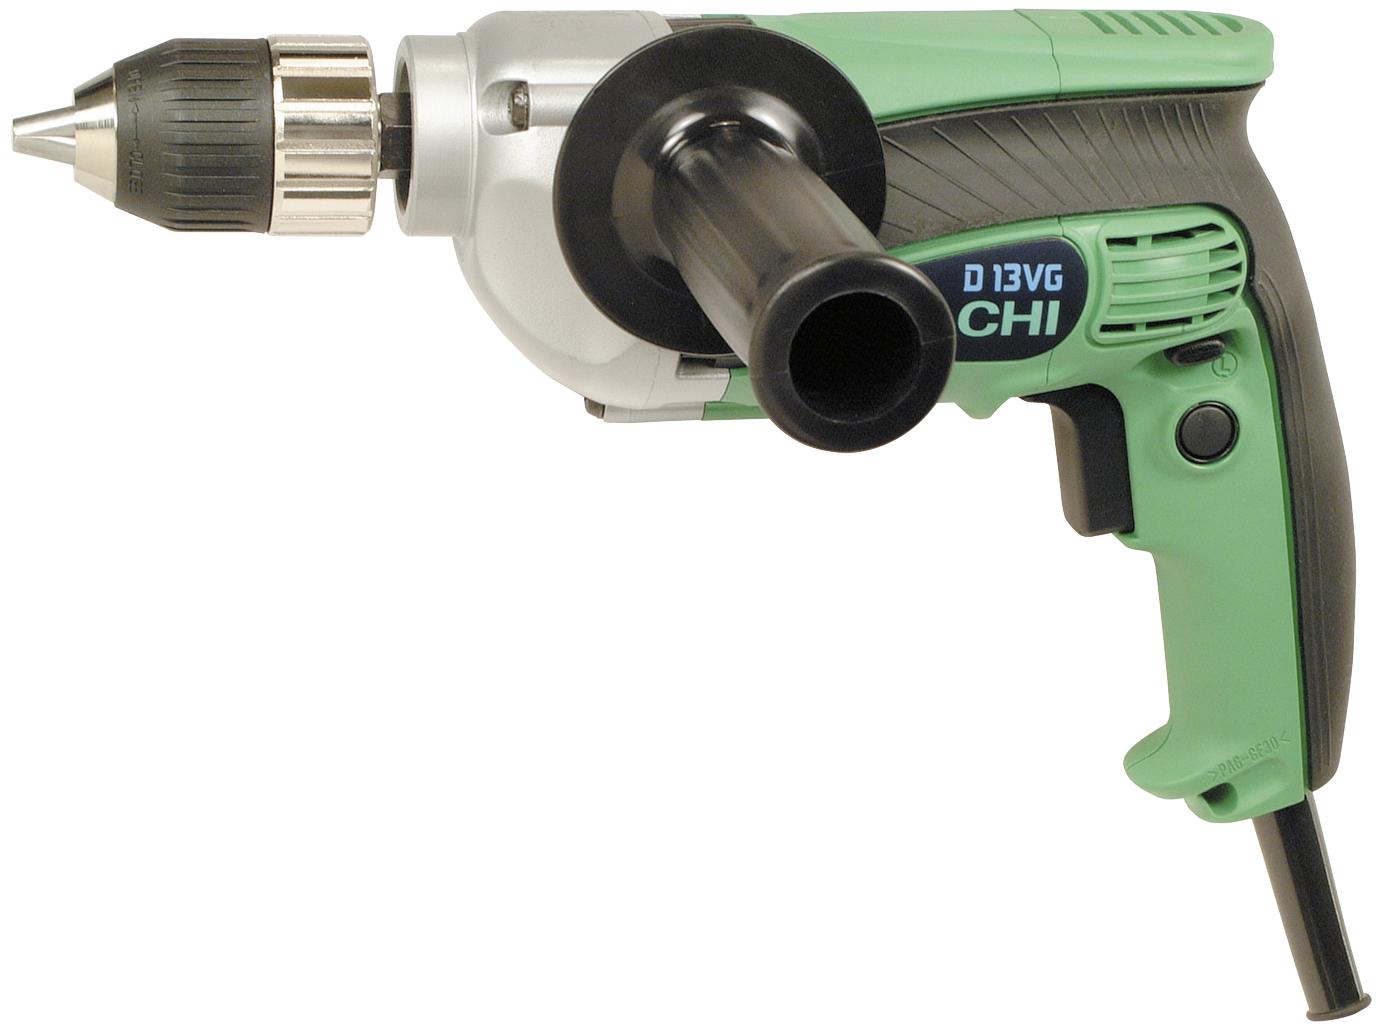 D13VG-Taladro13-mm-710-W